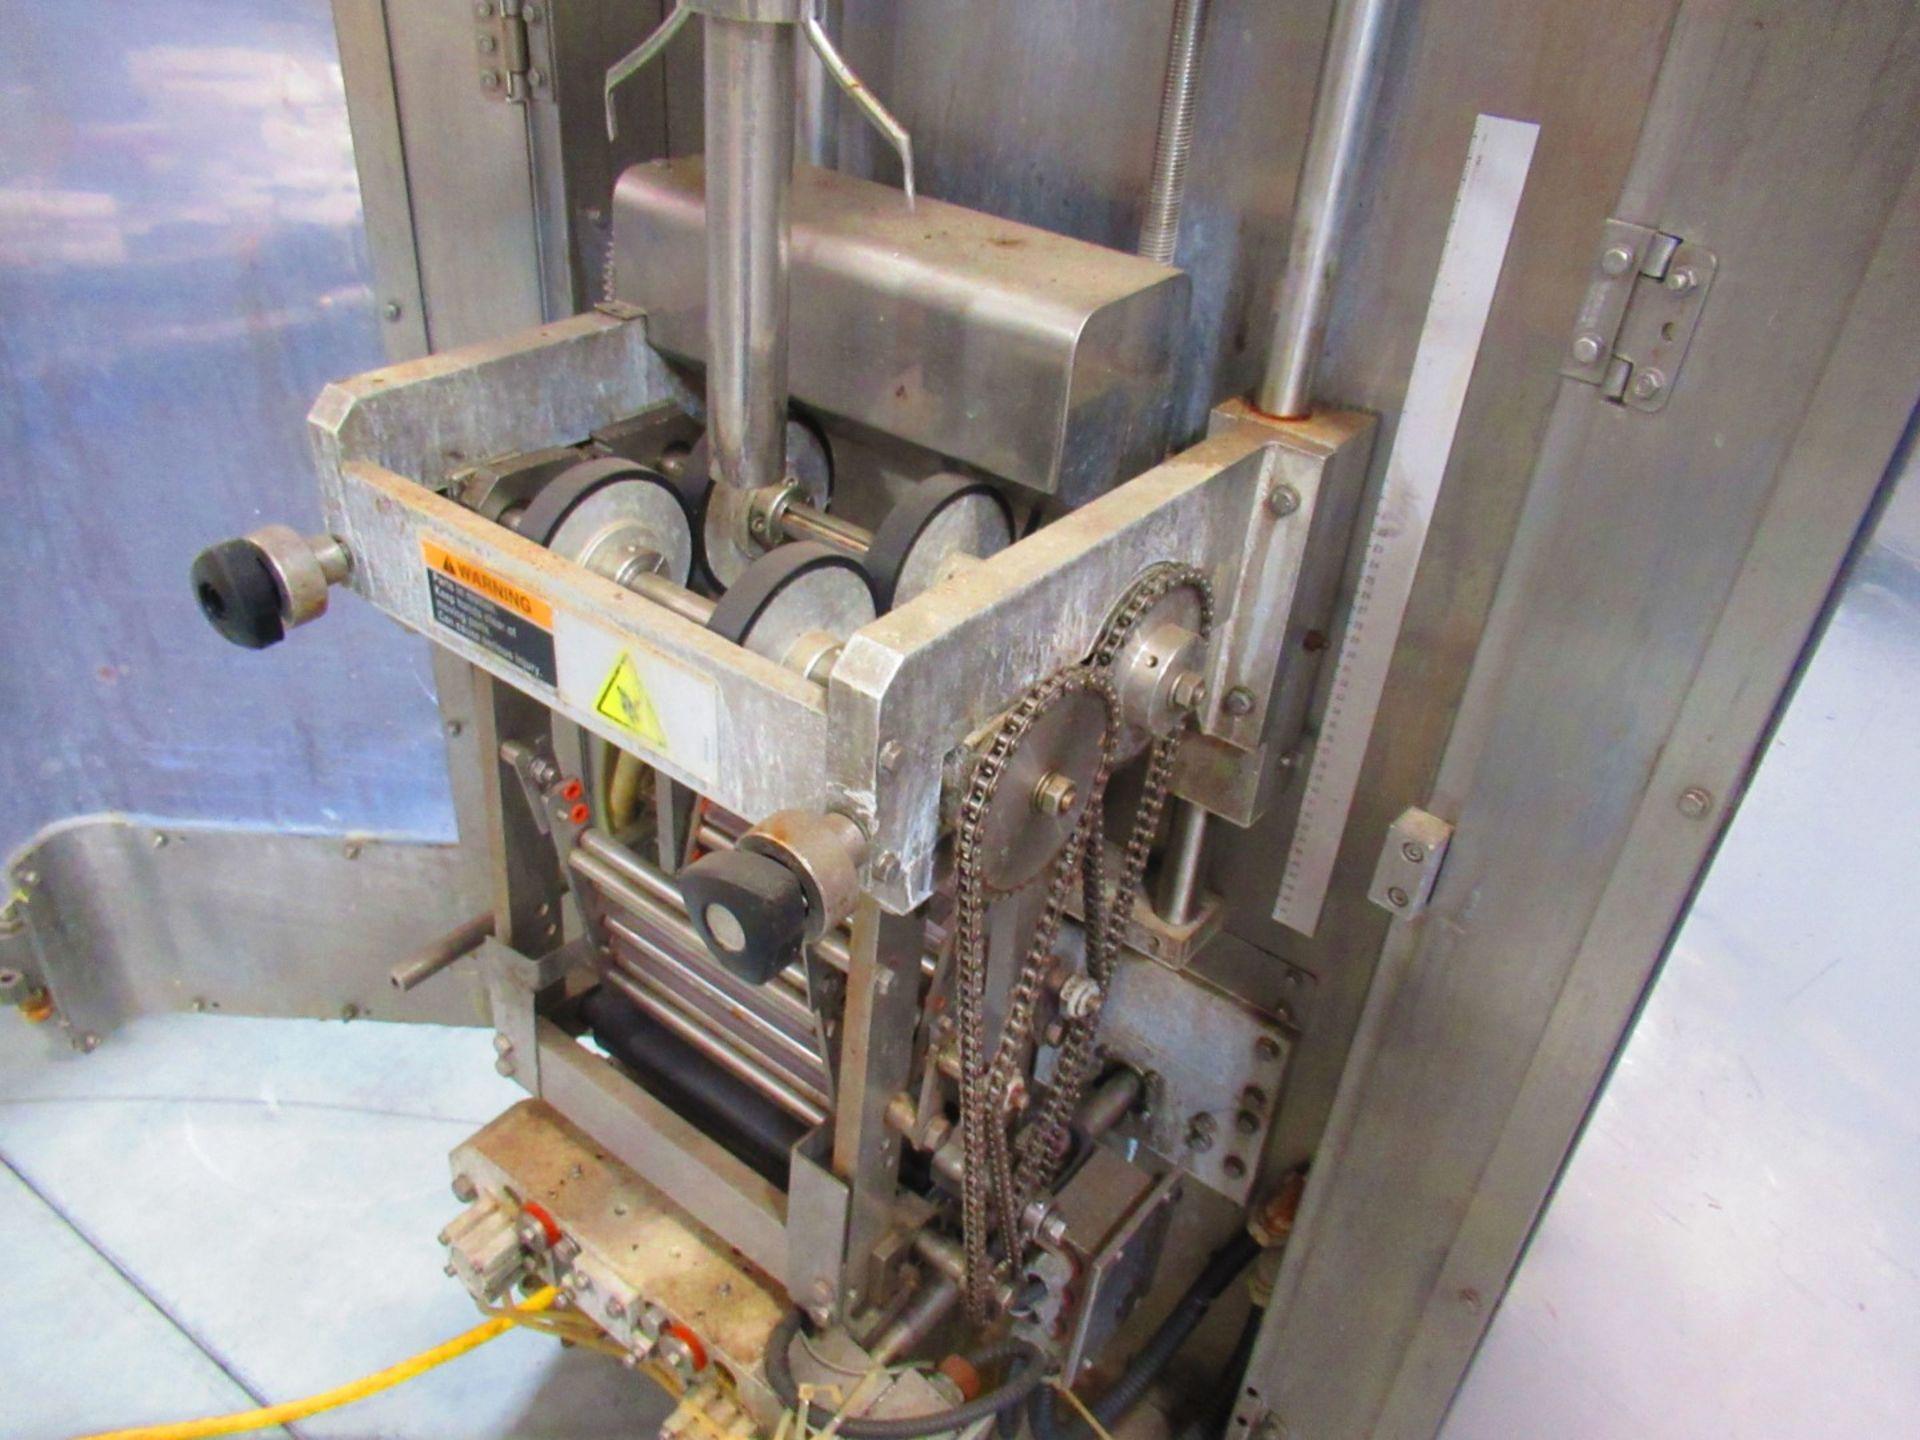 VFFS Machine - Image 8 of 8